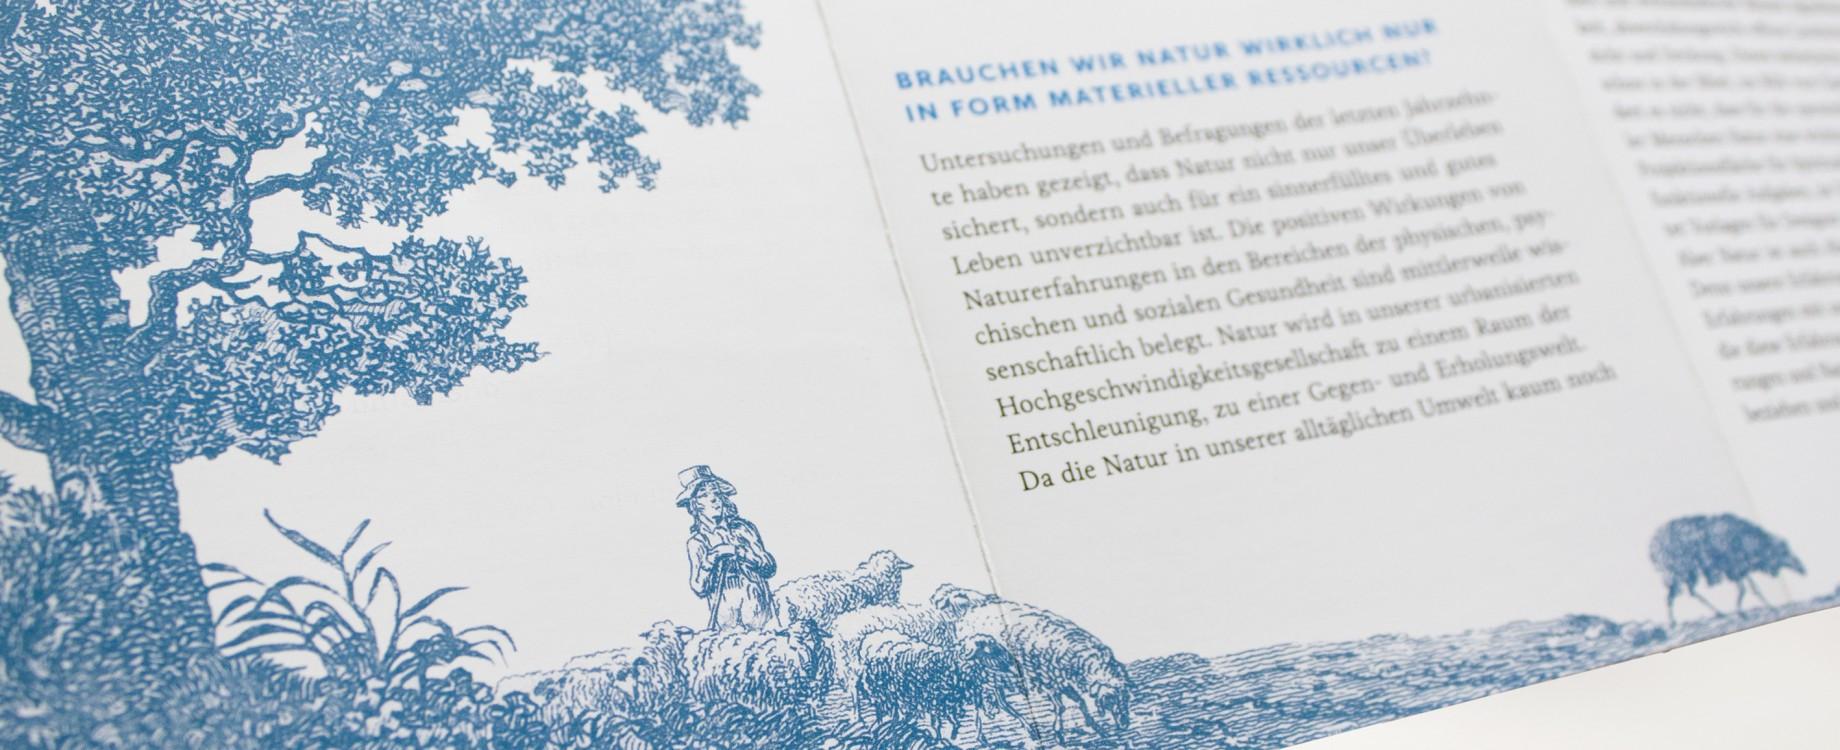 Sehnsuchtsraum Natur · Ausstellungsflyer (Detail)